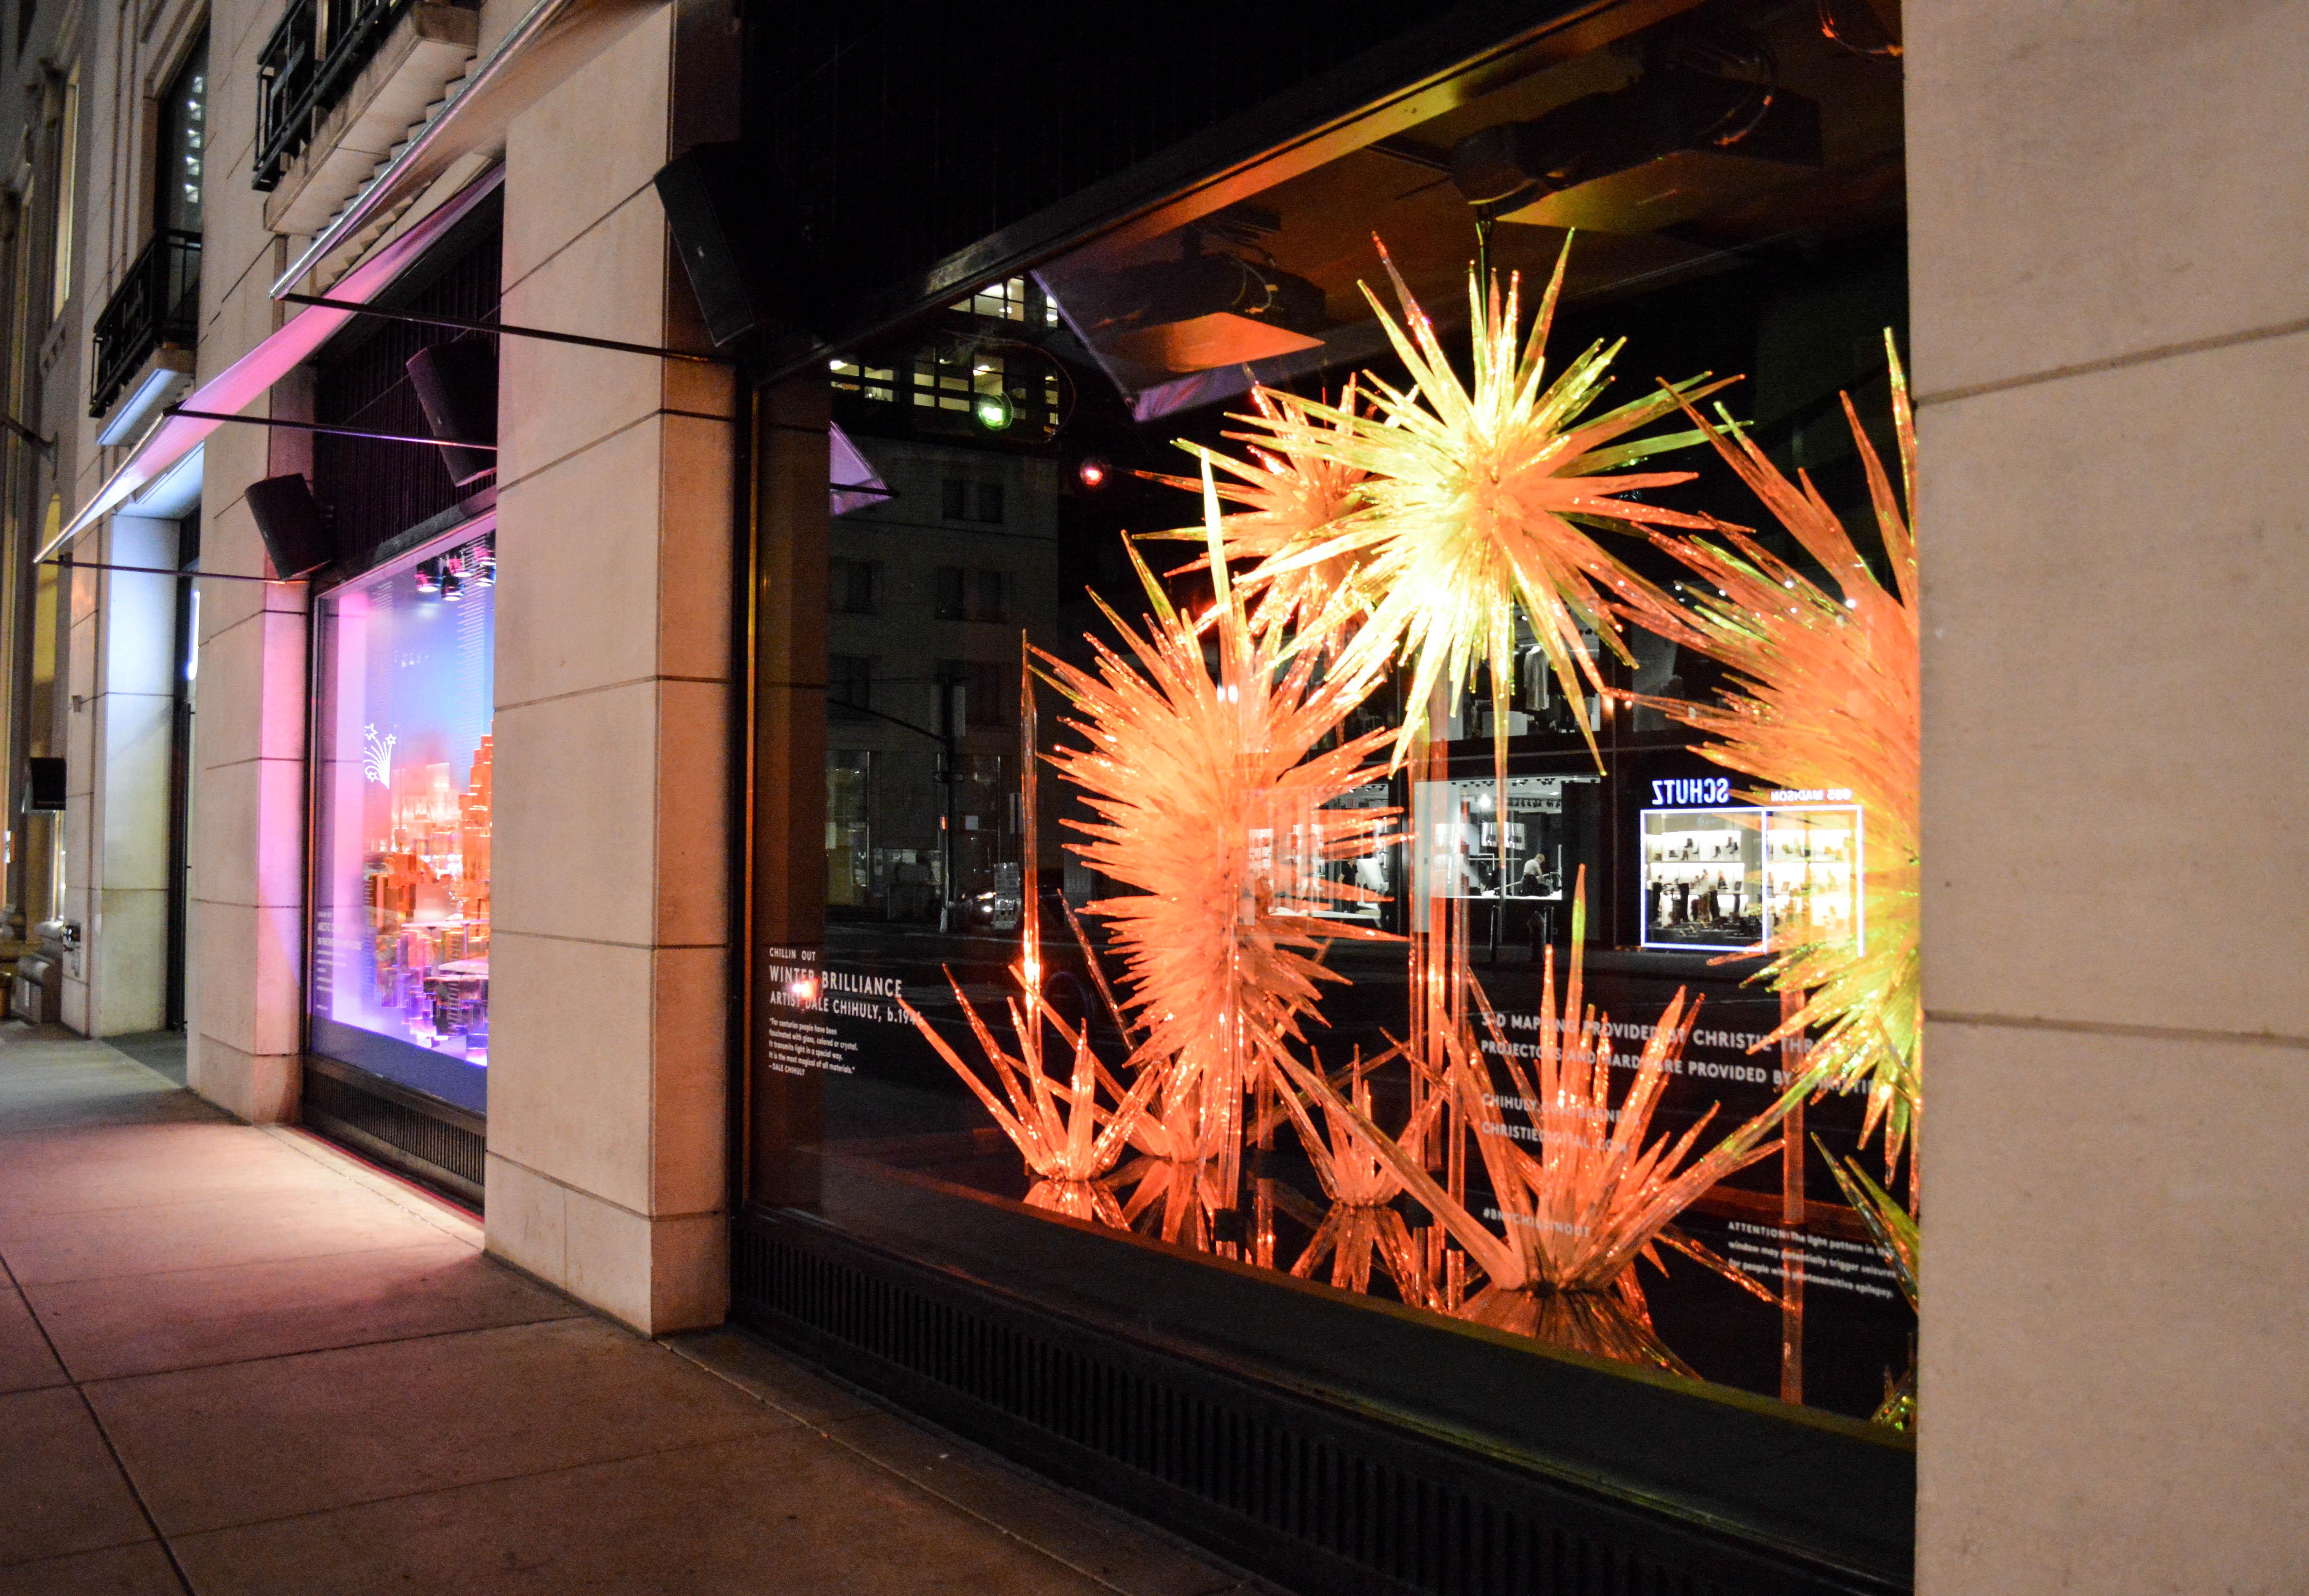 """A look at Barneys' <a href=""""http://ny.racked.com/2015/11/20/9769810/barneys-new-york-holiday-windows-madison-avenue-2015#4885053"""">holiday windows</a>"""